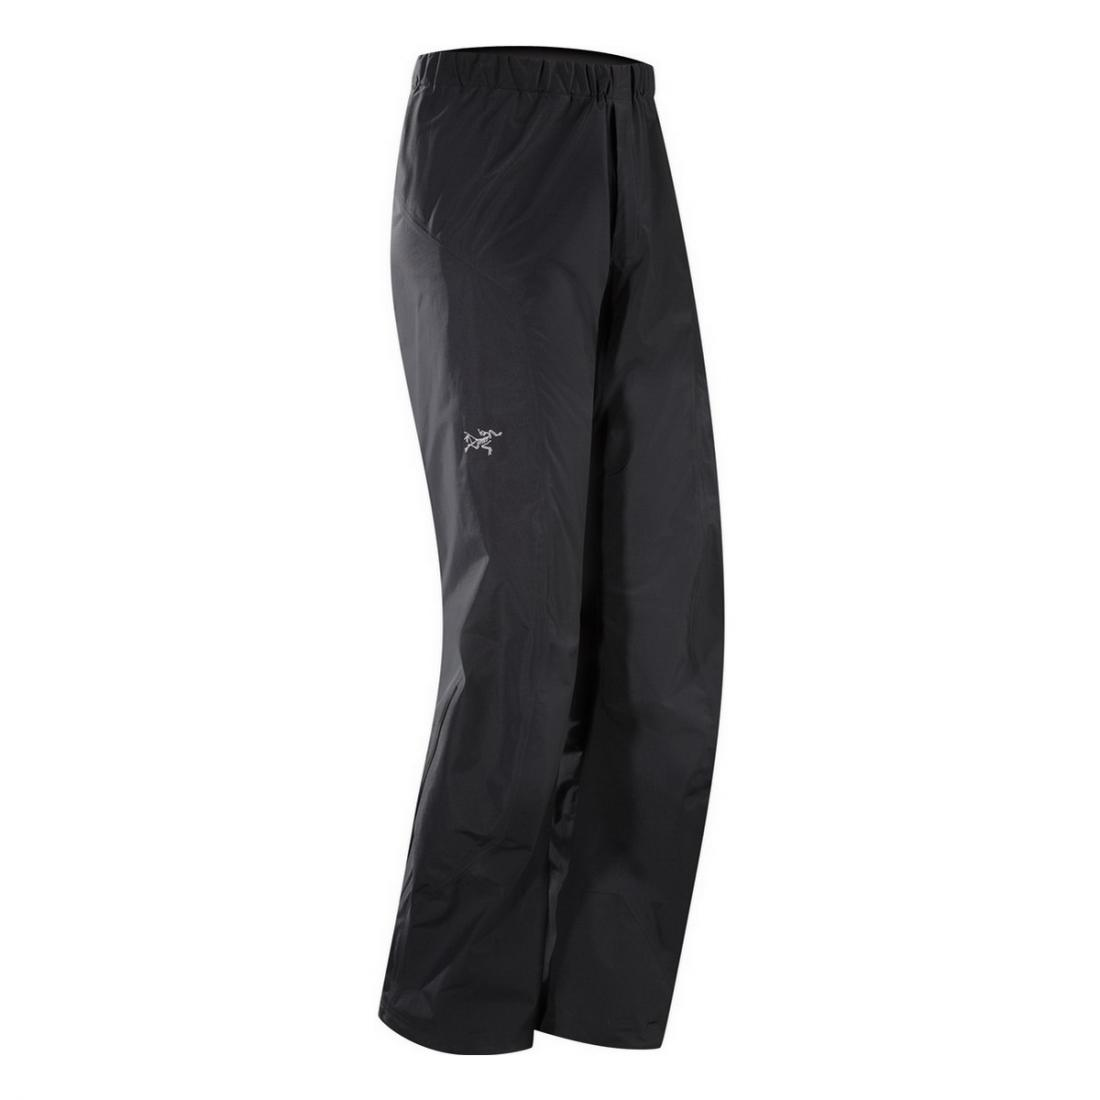 Брюки Beta SL муж.Брюки, штаны<br><br> Arcteryx Beta SL – мужские легкие брюки, которые надежно защищают от непогоды. Они предназначены для тех, кто предпочитает активный отдых на воздухе. <br><br><br>Благодаря влагоотталкивающему материалу GORE-TEX® с технологией Paclite® модель не ...<br><br>Цвет: Темно-серый<br>Размер: XL